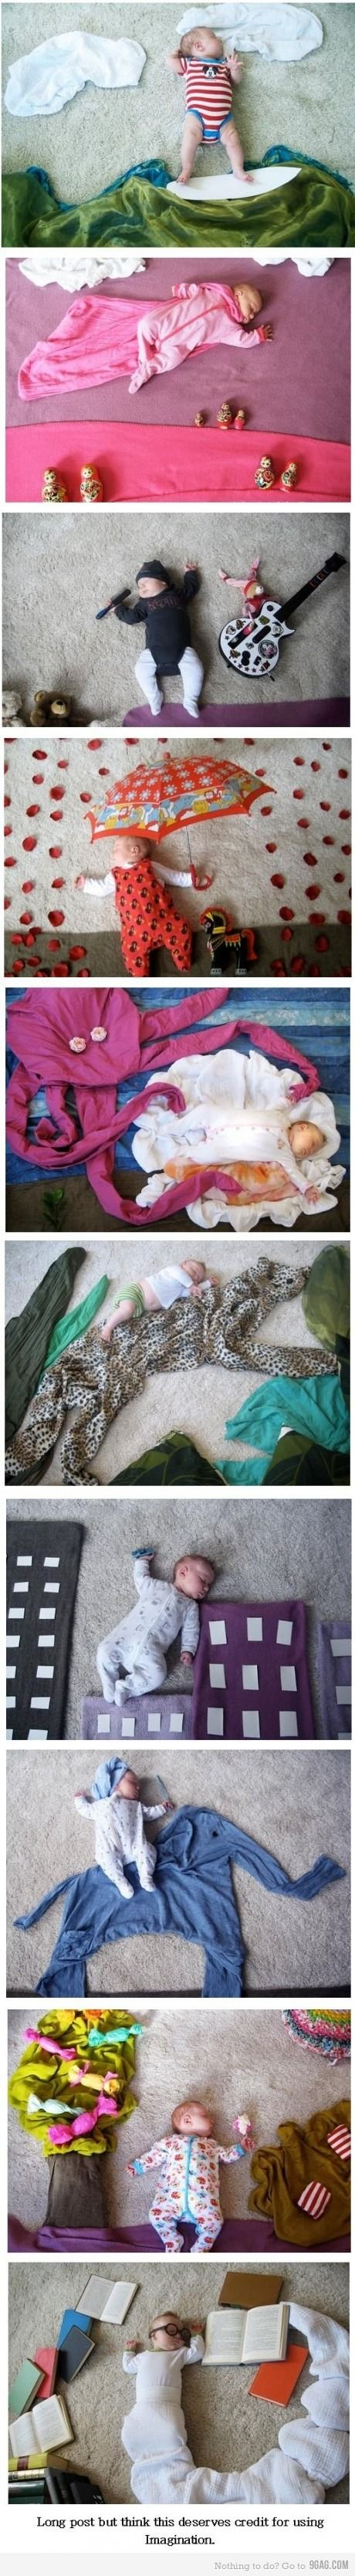 Lo que te hacen tus padres mientras duermes.